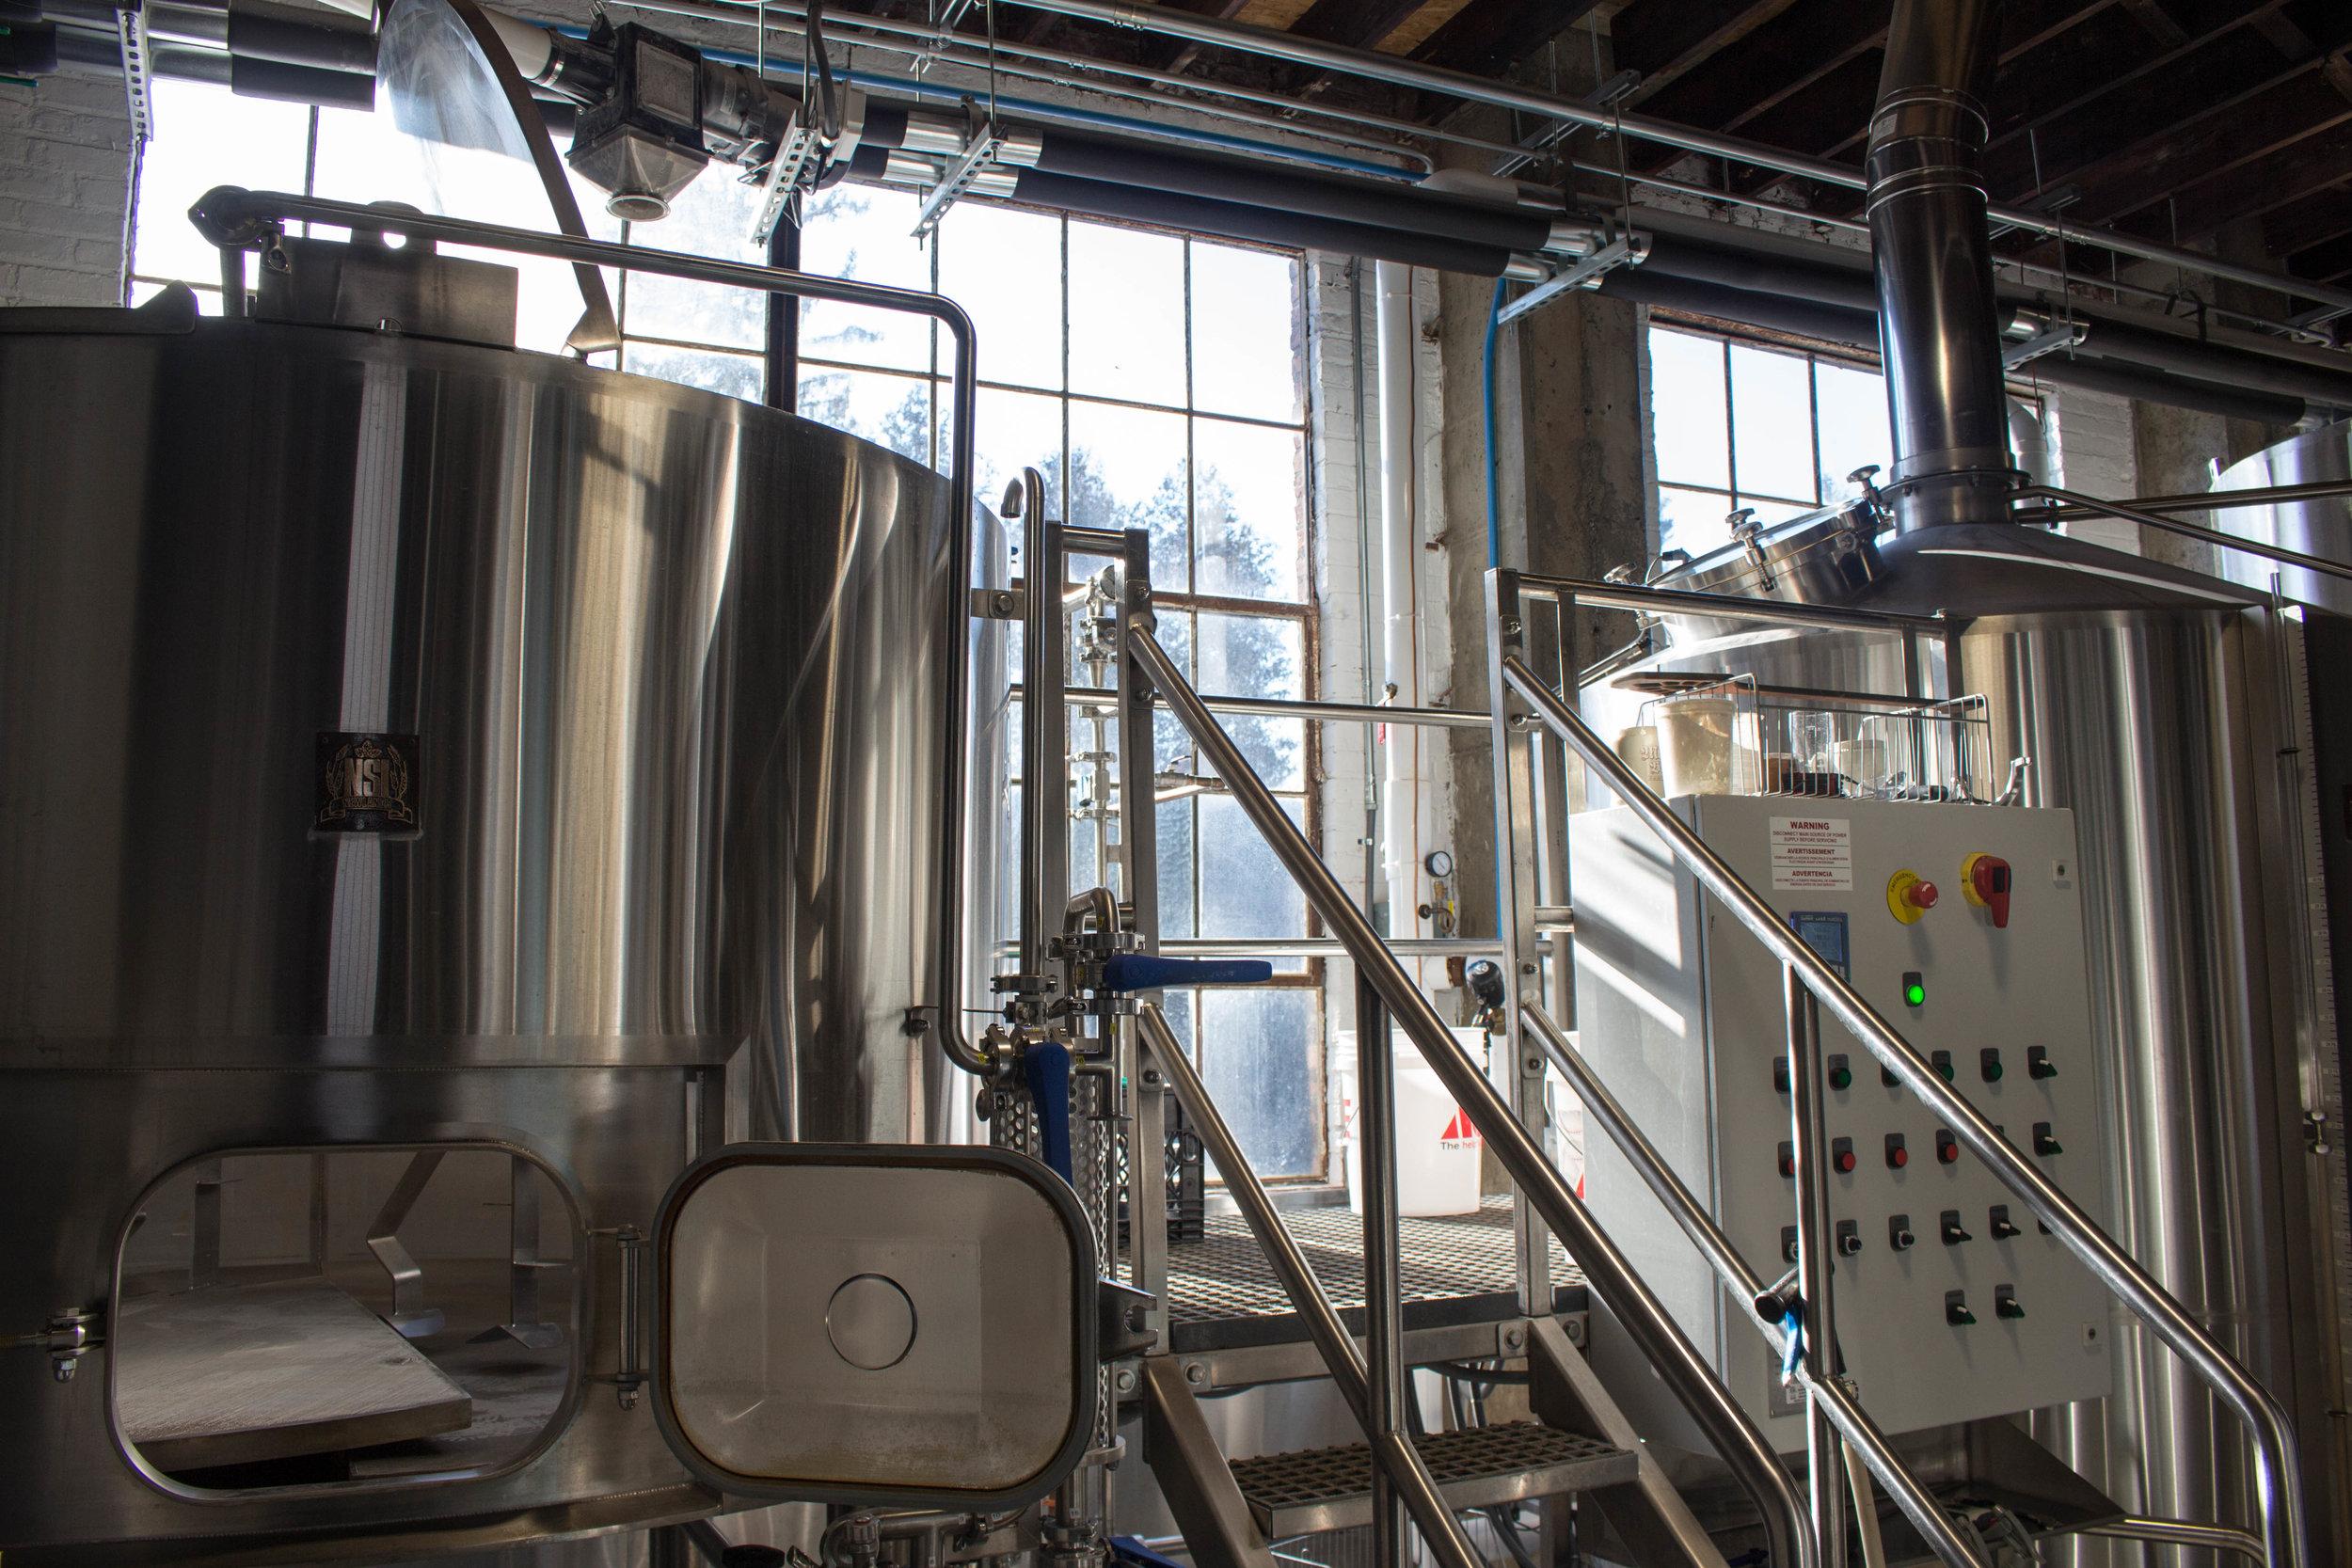 Suarez Family Brewery - 2017 02 20 (8 of 25).jpg